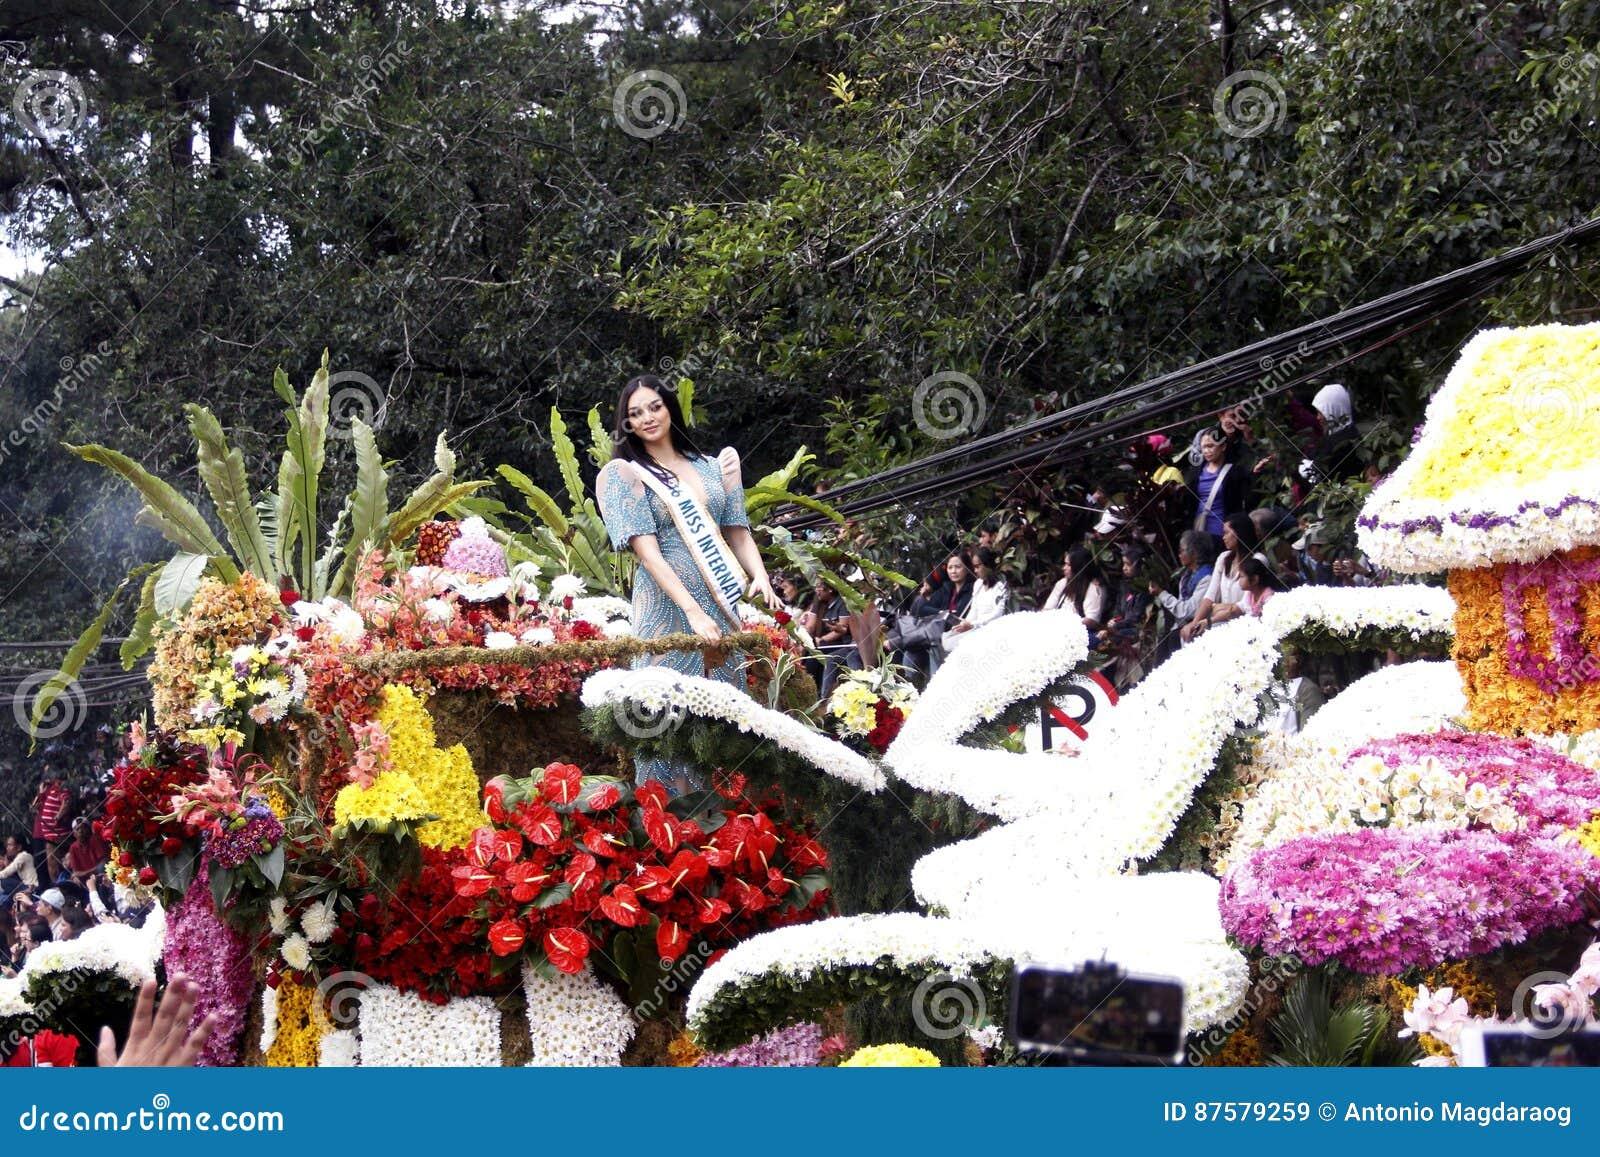 Grand Flower Float Festival